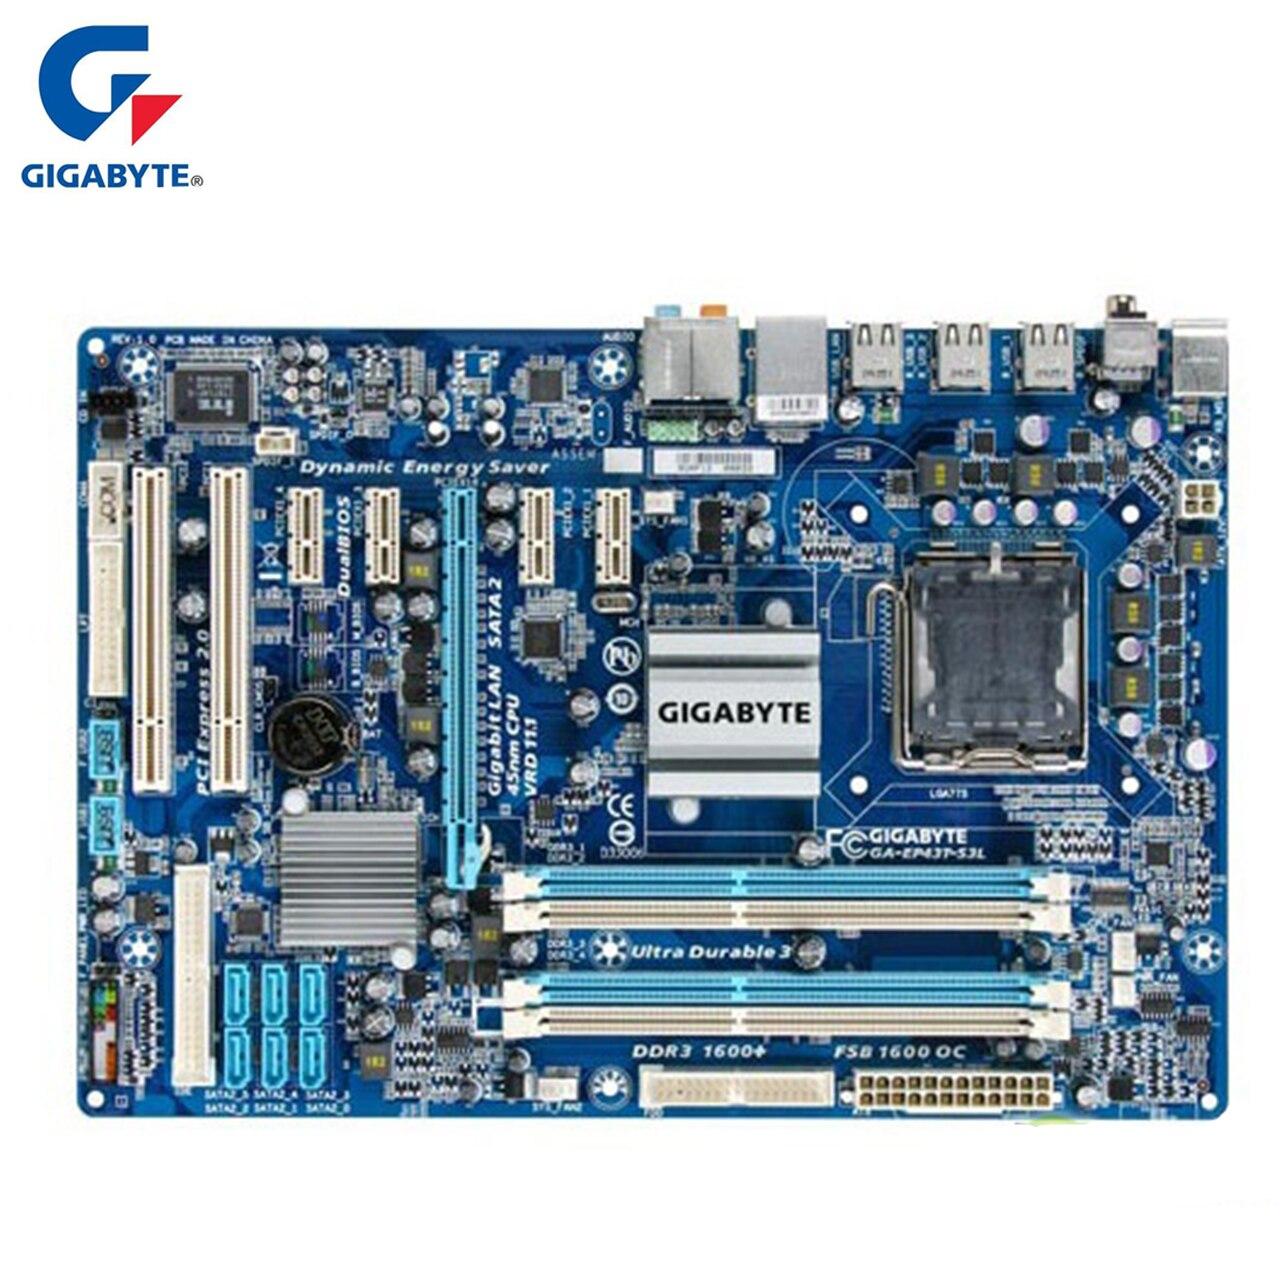 Gigabyte GA-EP43T-S3L 100% D'origine Carte Mère LGA 775 DDR3 USB2.0 16g P43 EP43T-S3L De Bureau Carte Mère SATA II Systemboard Utilisé